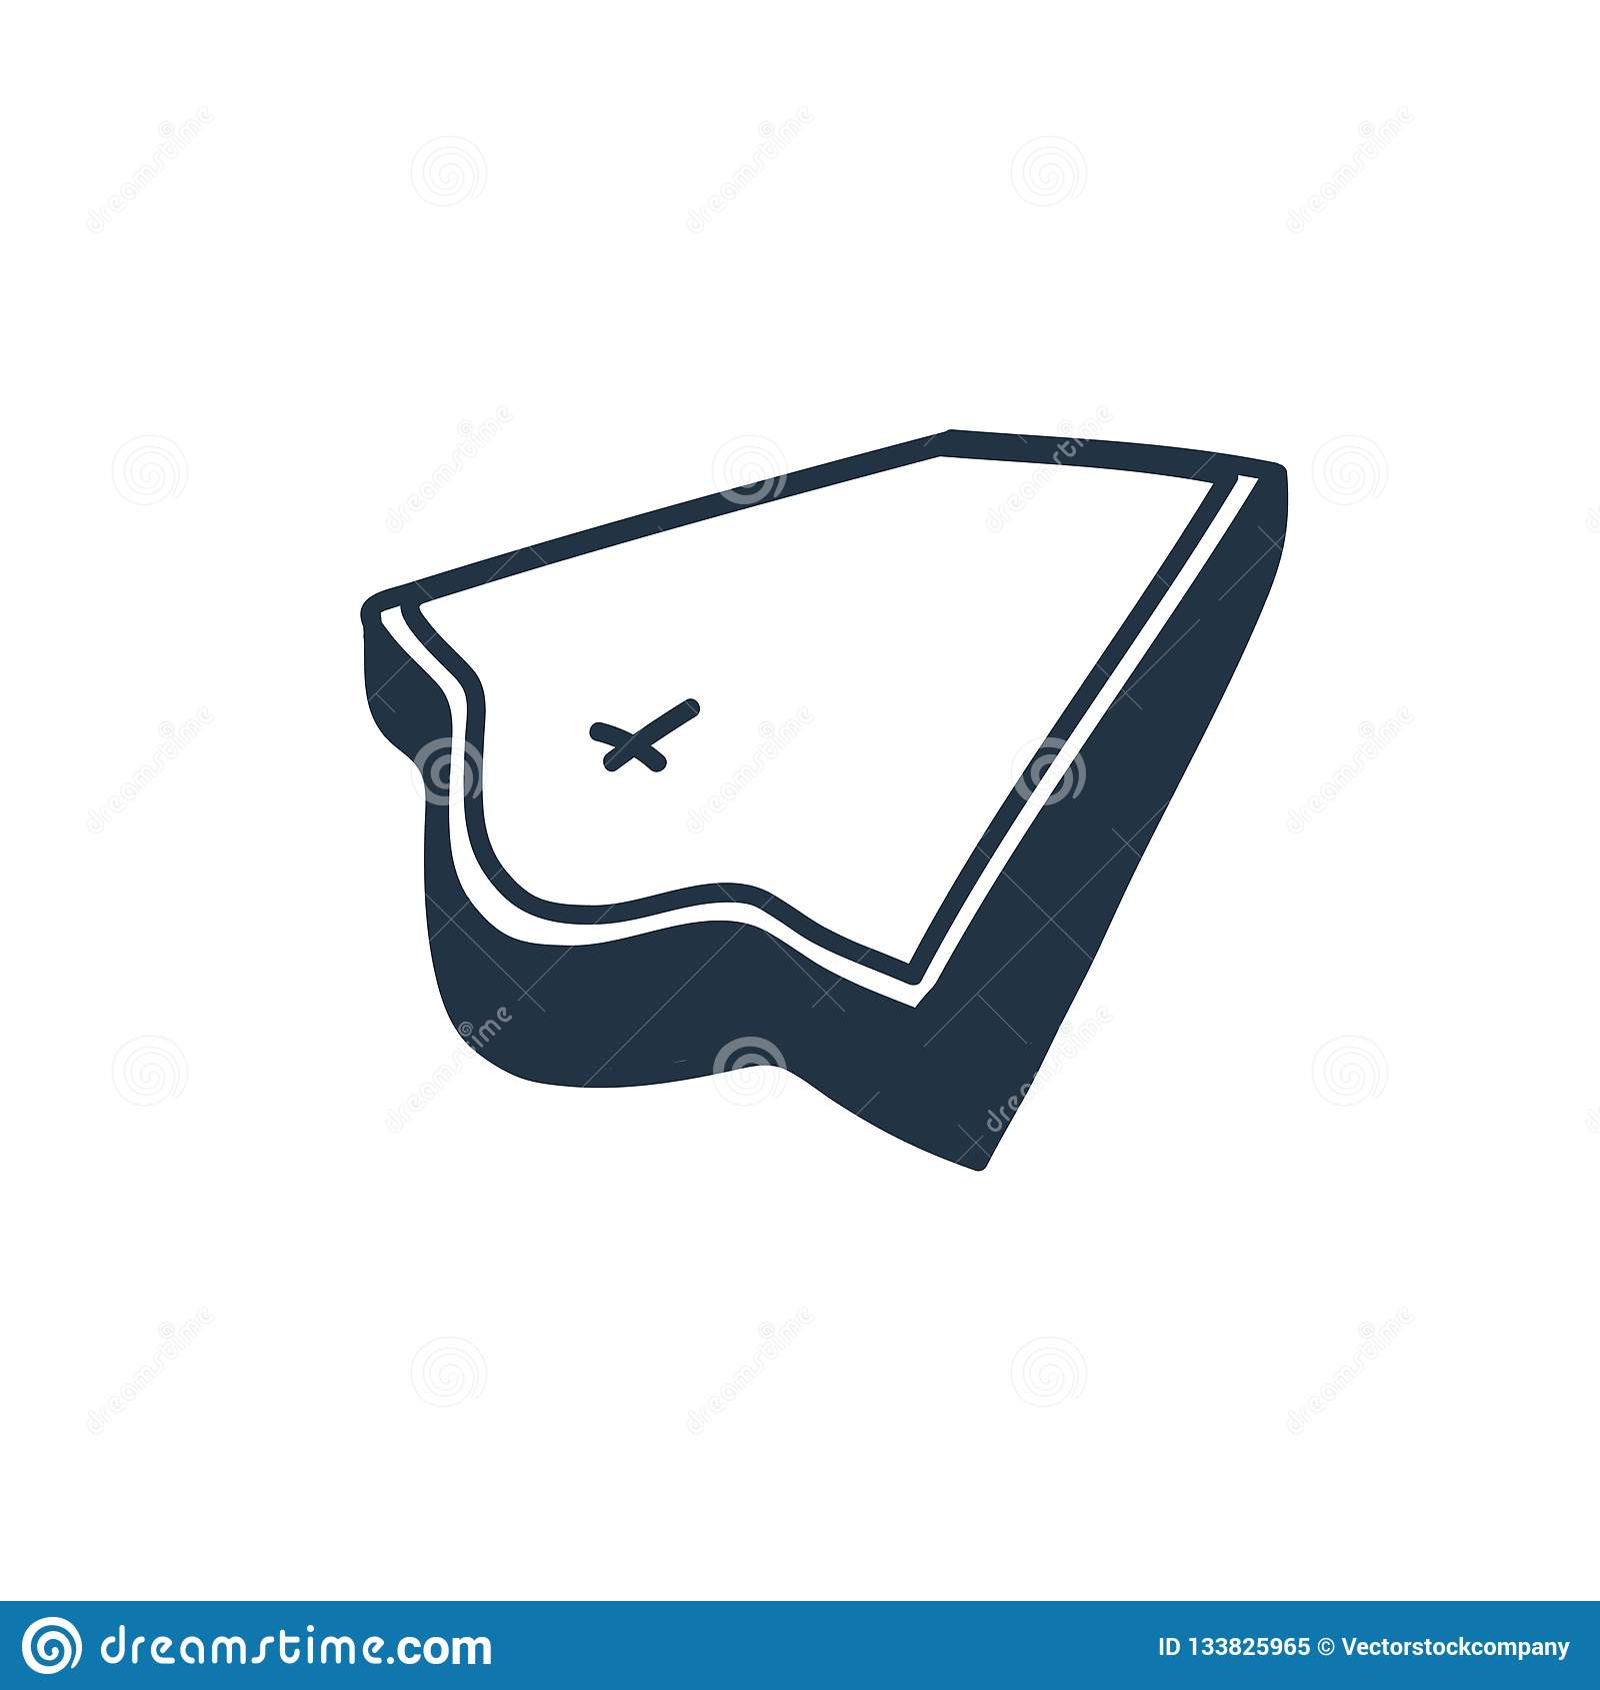 Sargikonenvektor lokalisiert auf weißem Hintergrund, Sargzeichen